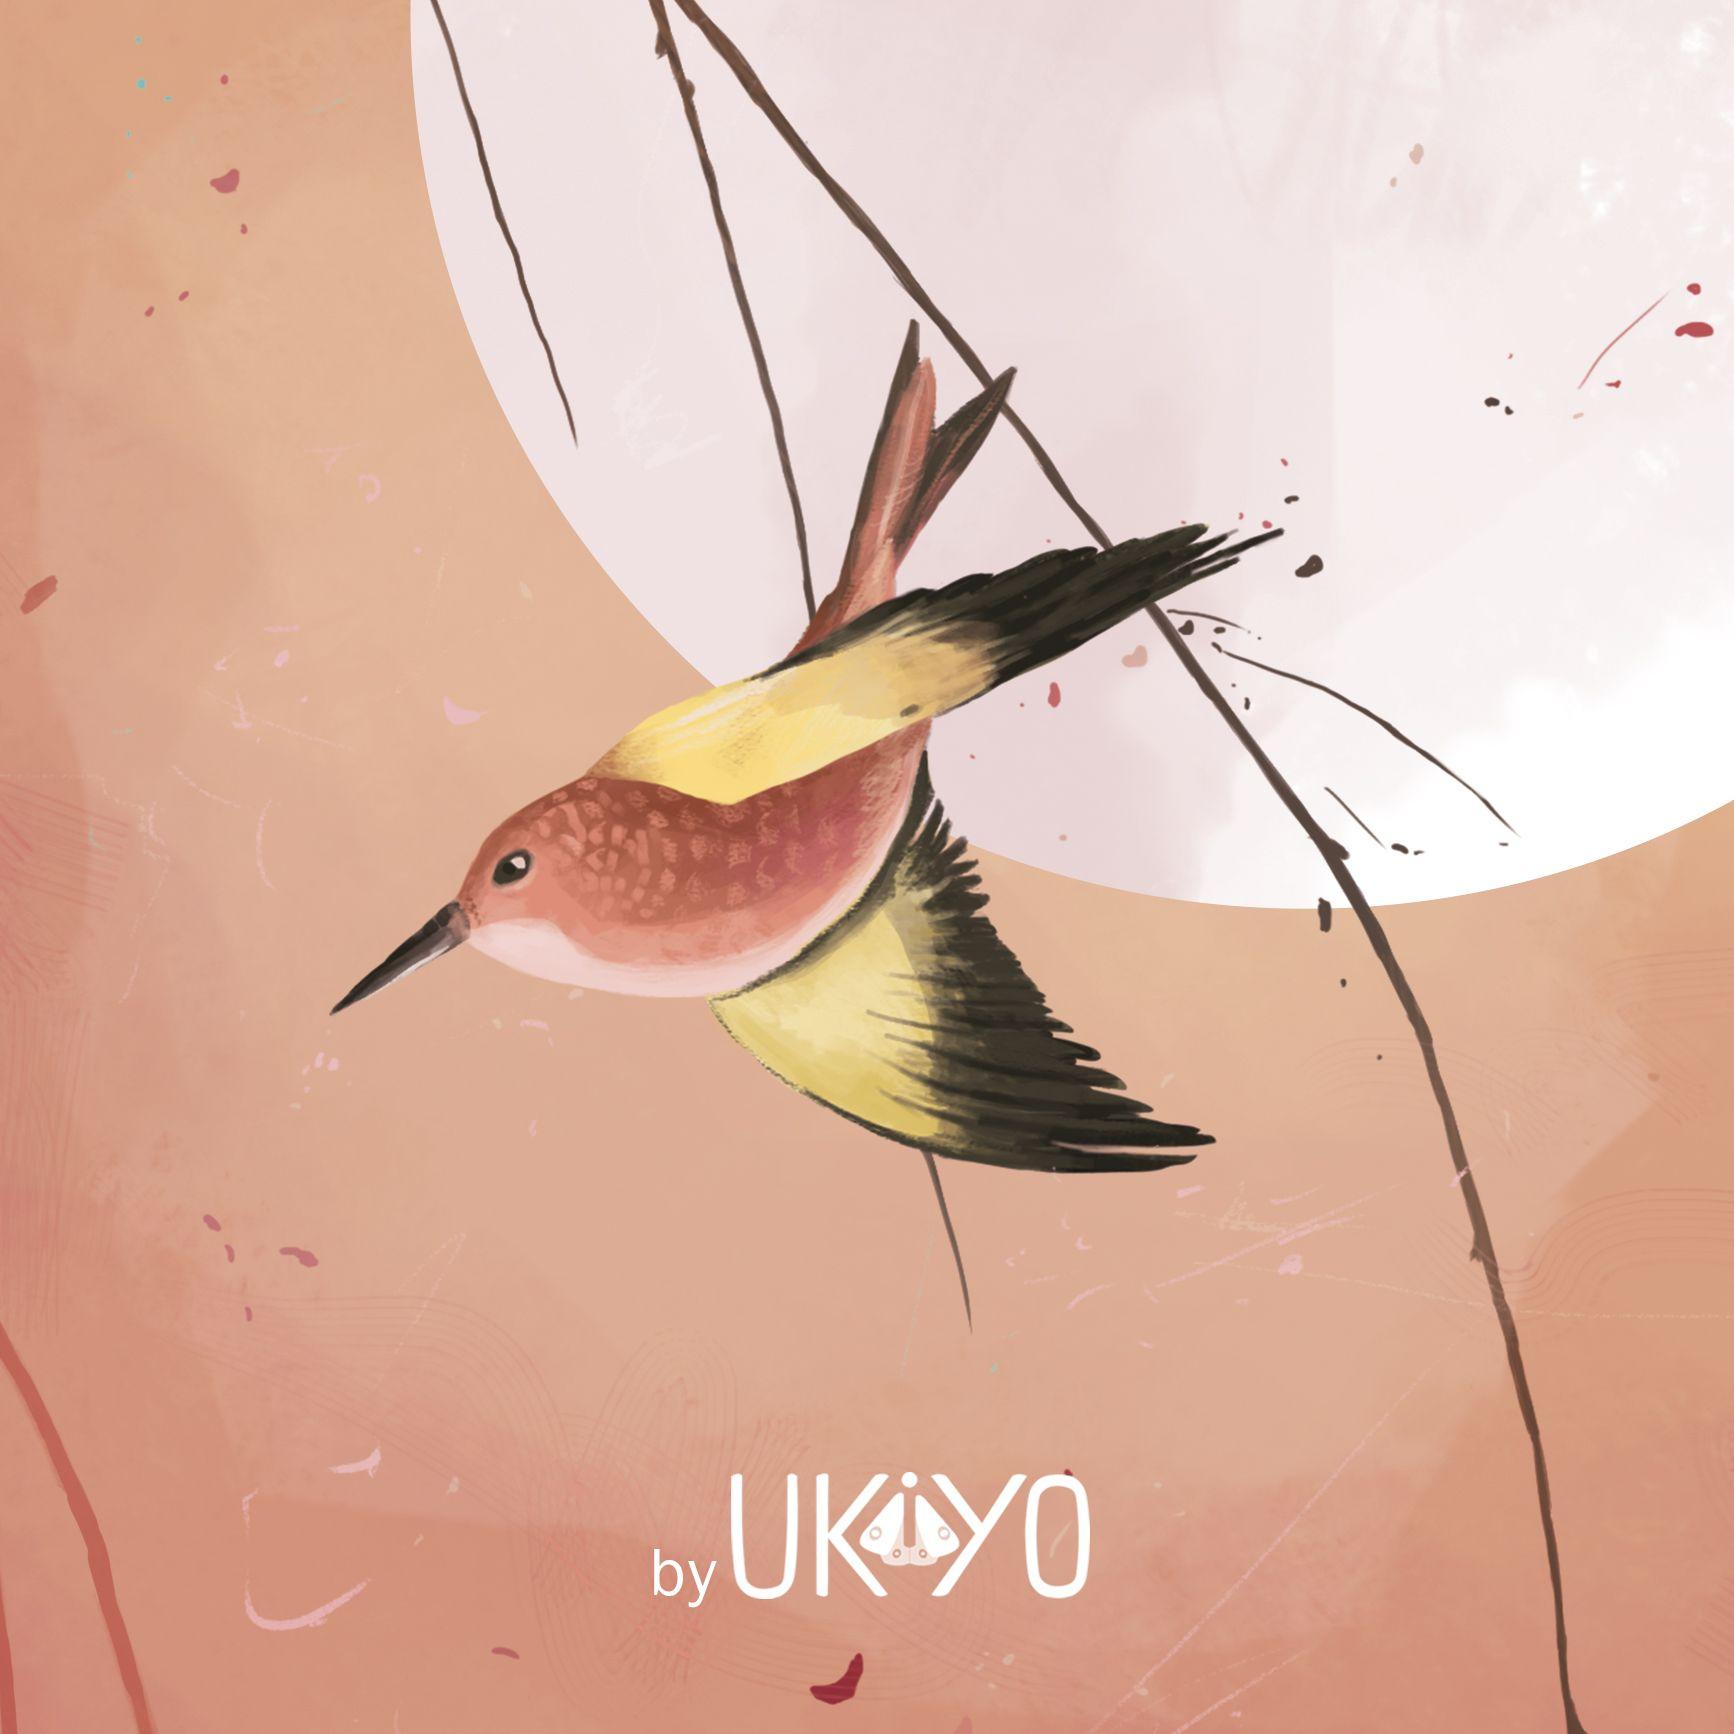 by UKIYO | Aurélie de Sousa https://www.facebook.com/ukiyoscroll/